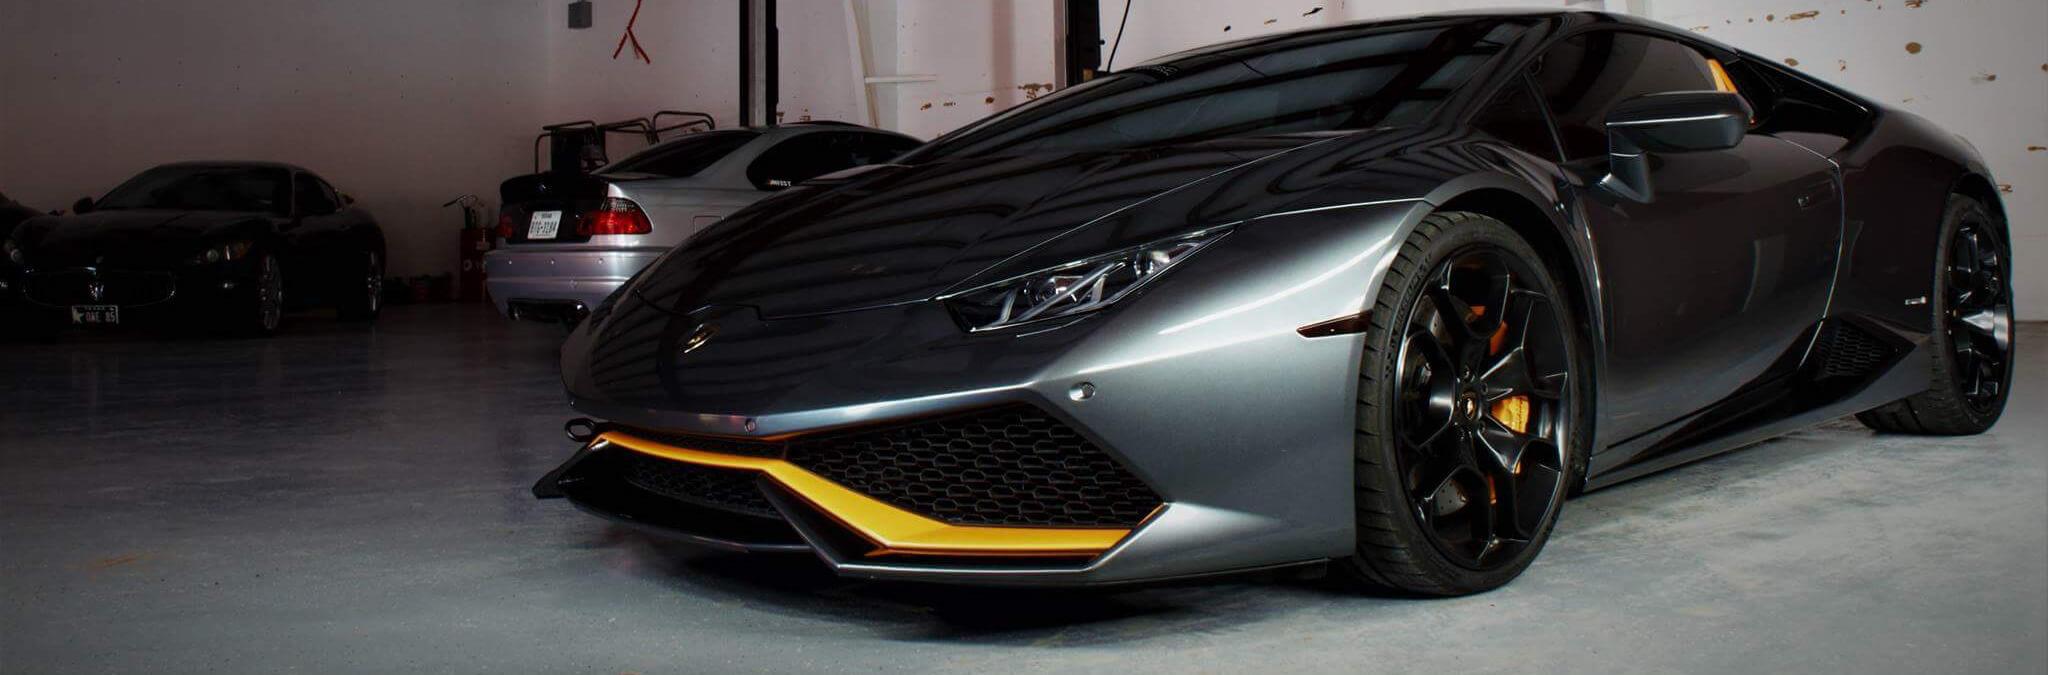 Lamborghini Repair In Austin